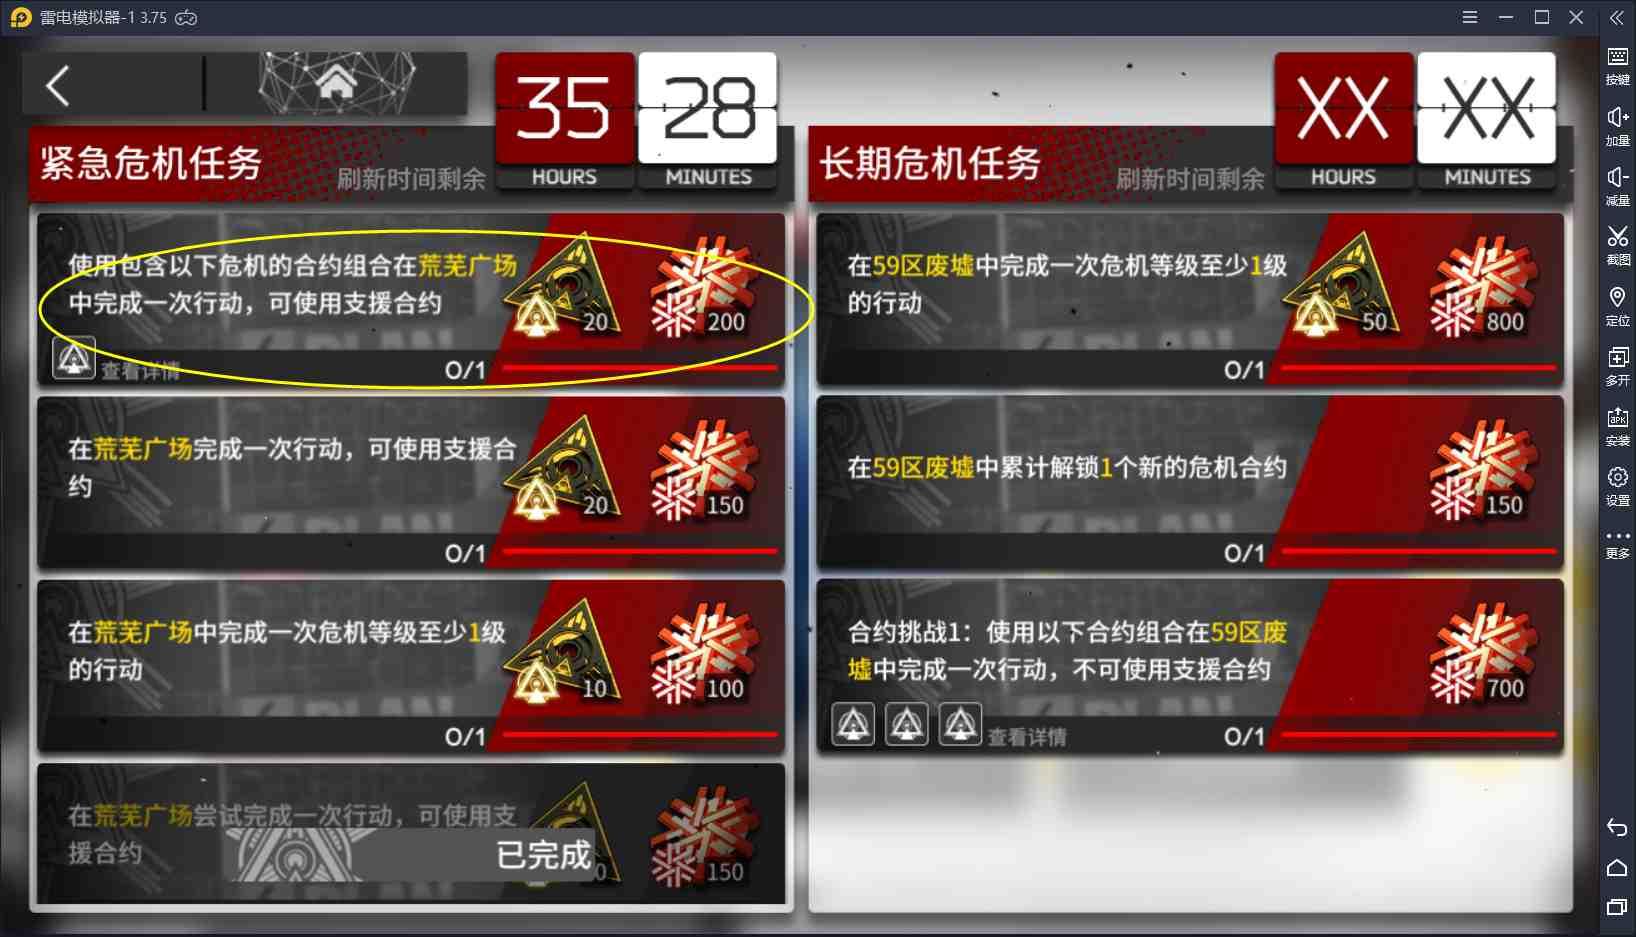 【明日方舟】危机合约龙门外环荒芜广场通关攻略